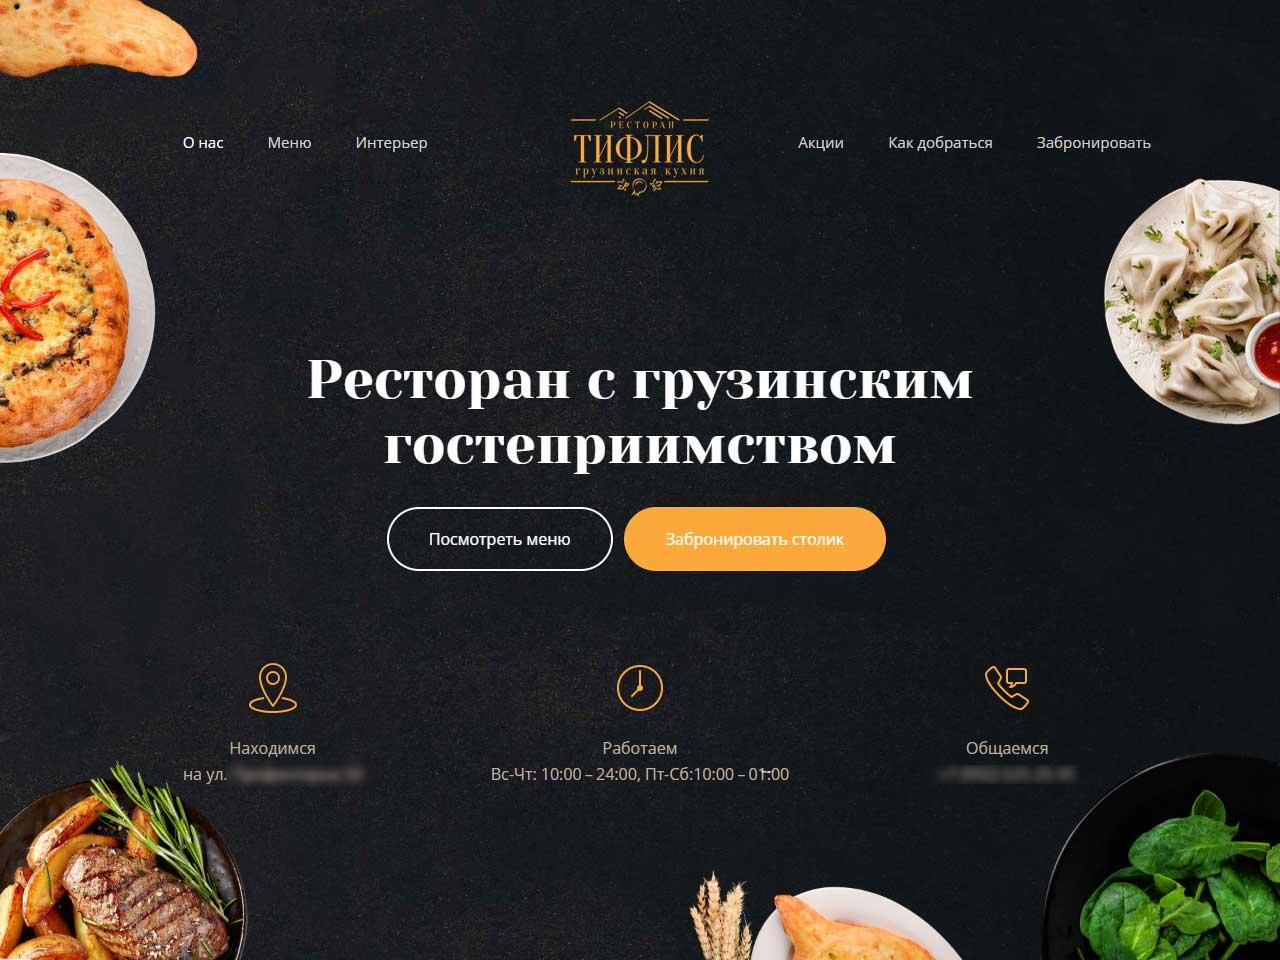 Ресторан с грузинским гостеприимством